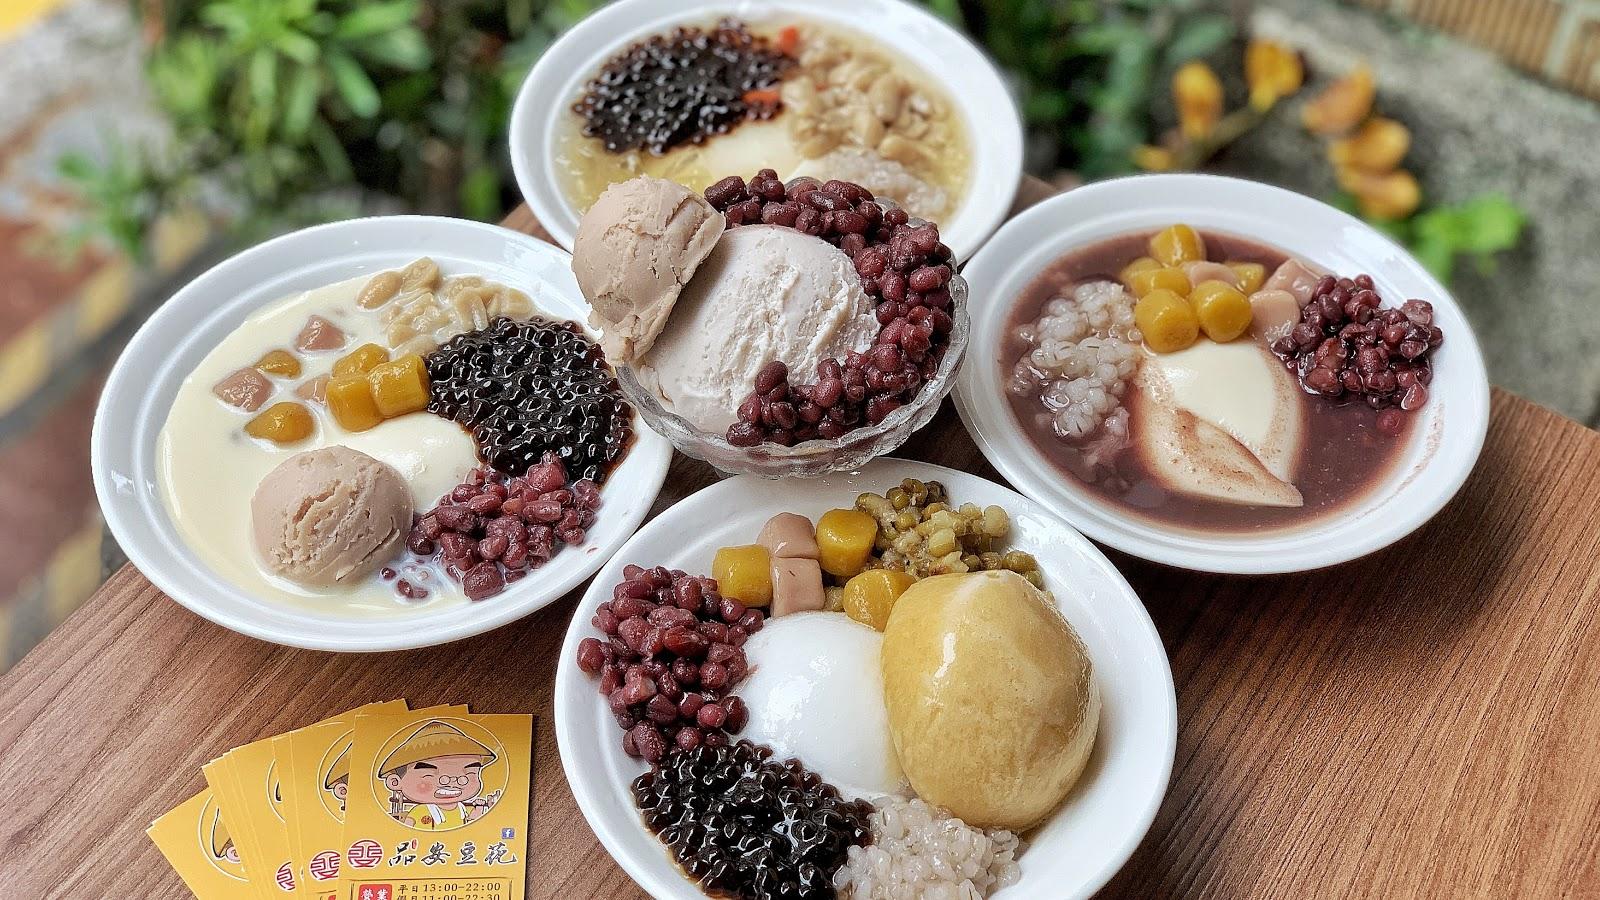 嘉義東區美食【嘉義品安豆漿豆花】在地人推薦的古早味豆花,居然有多種創意湯底可以選擇!